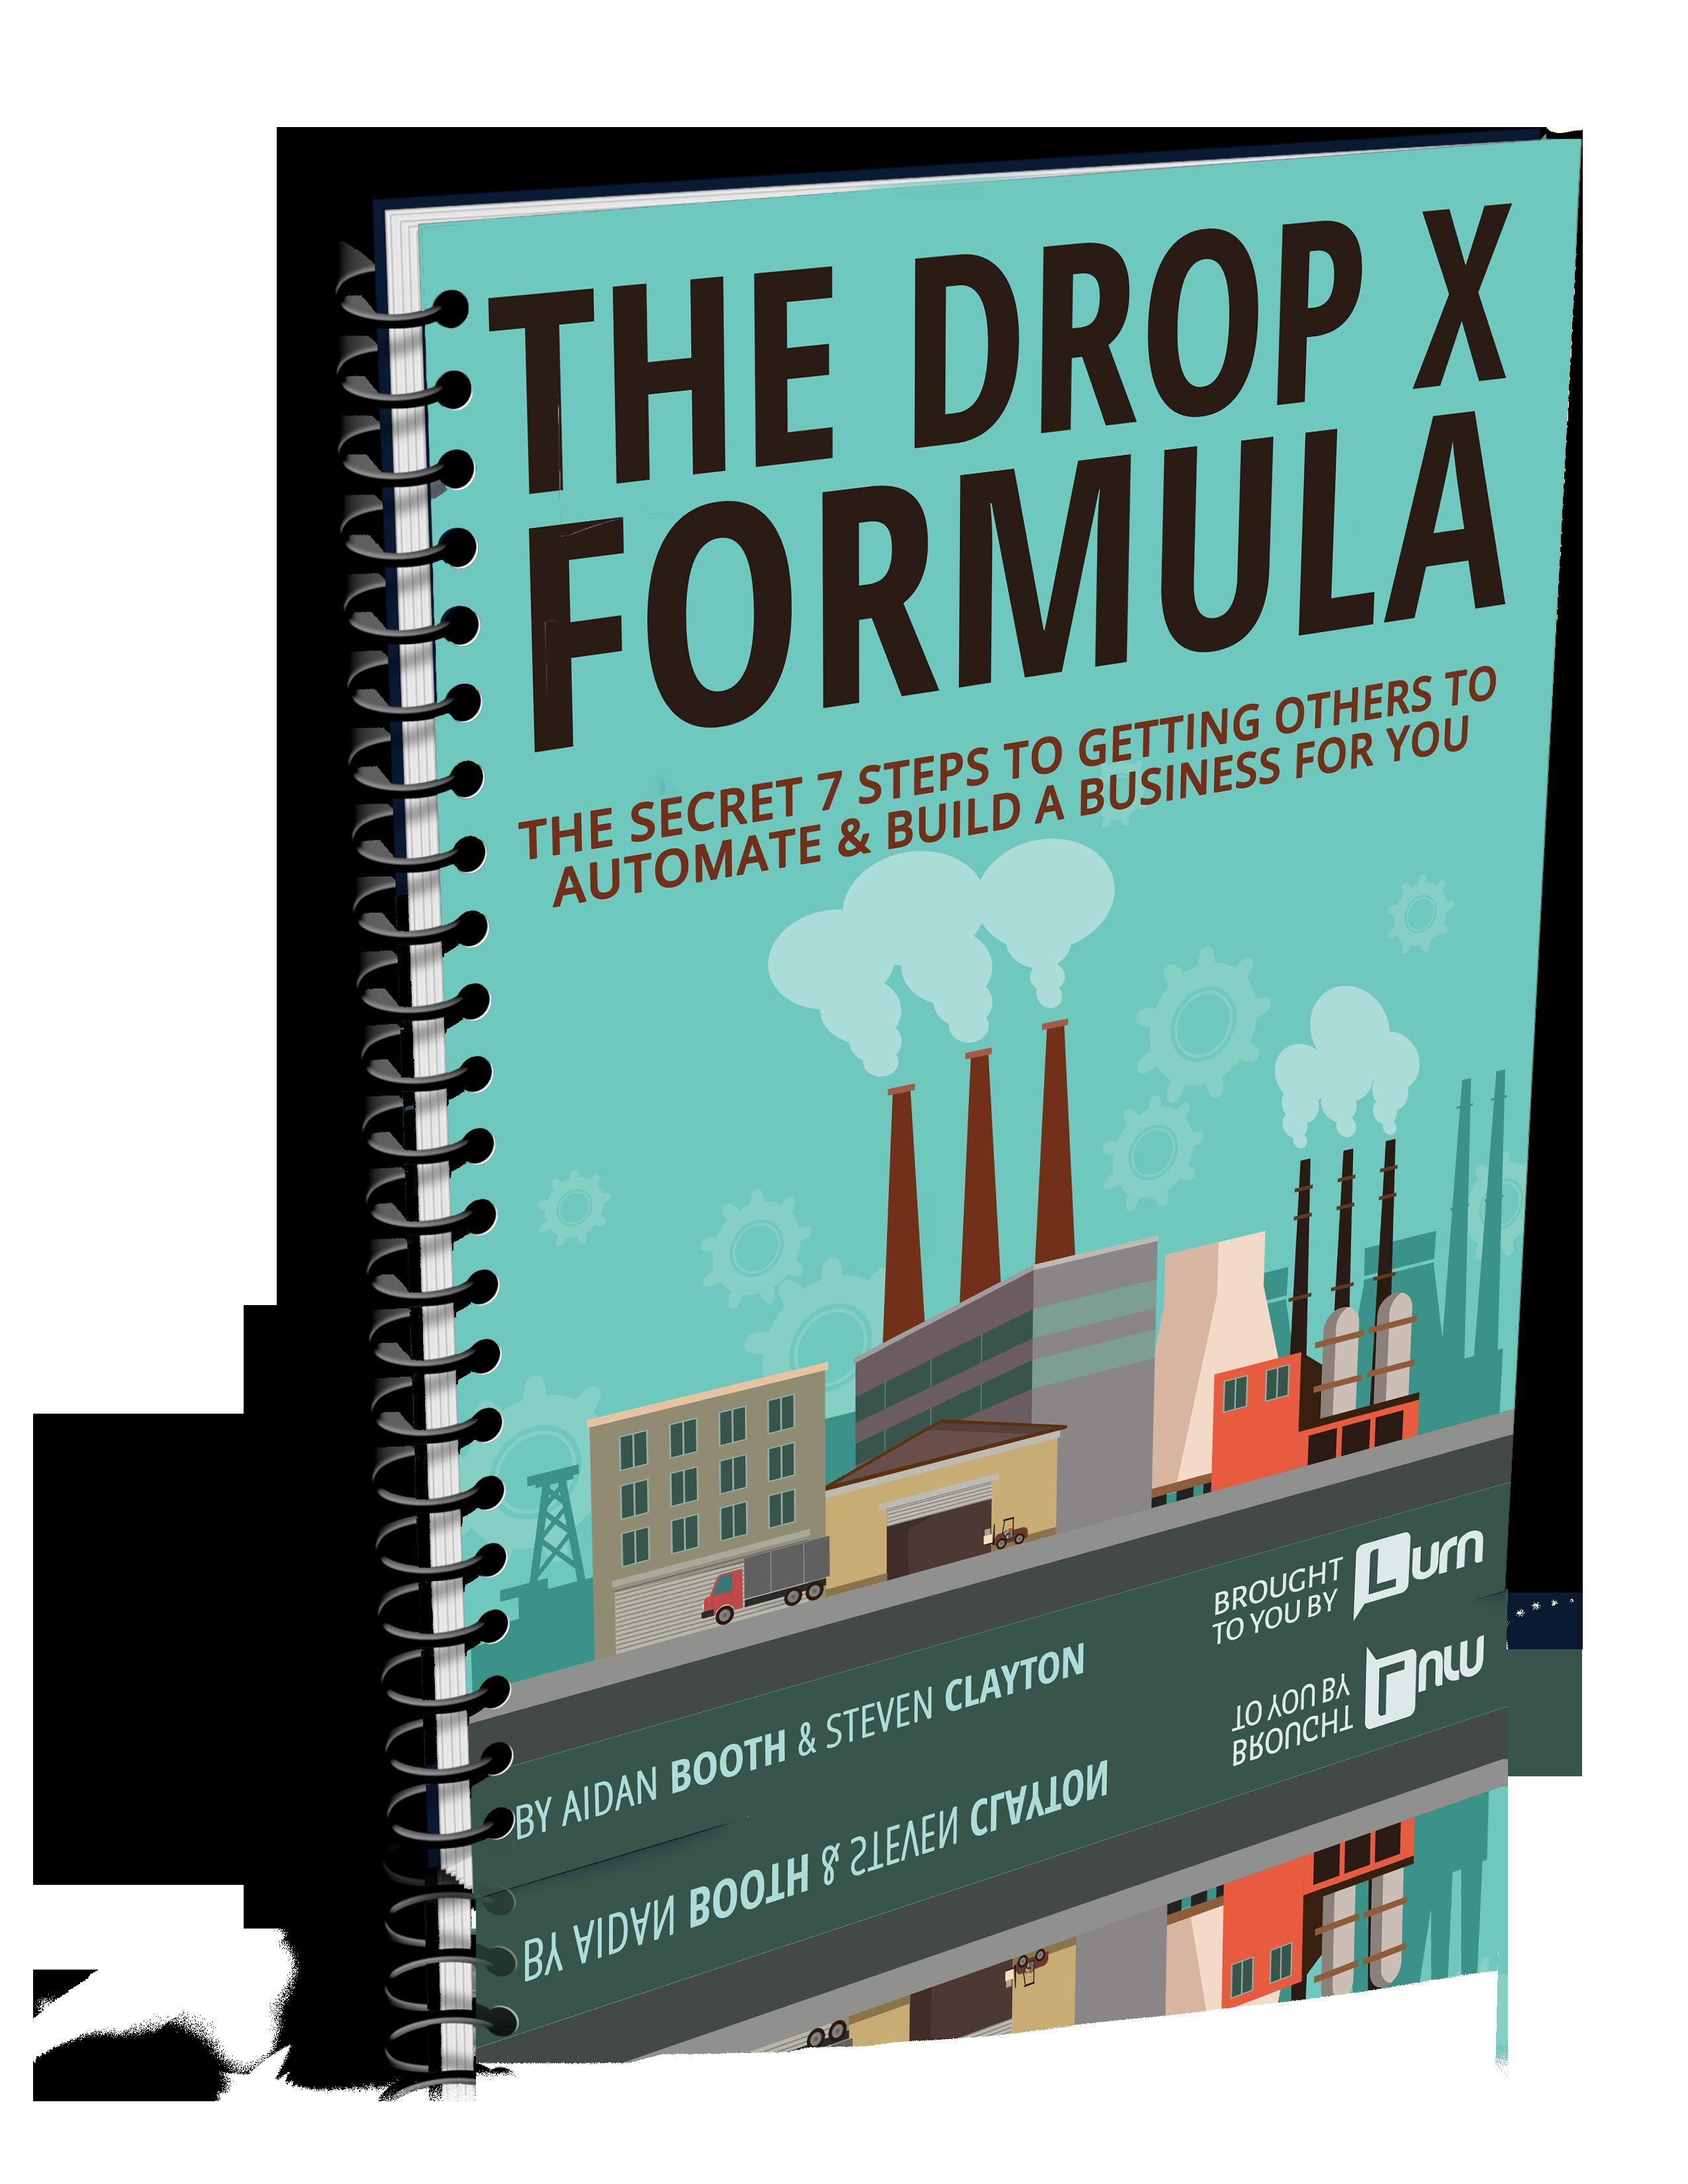 The Drop X Formula - Free Report